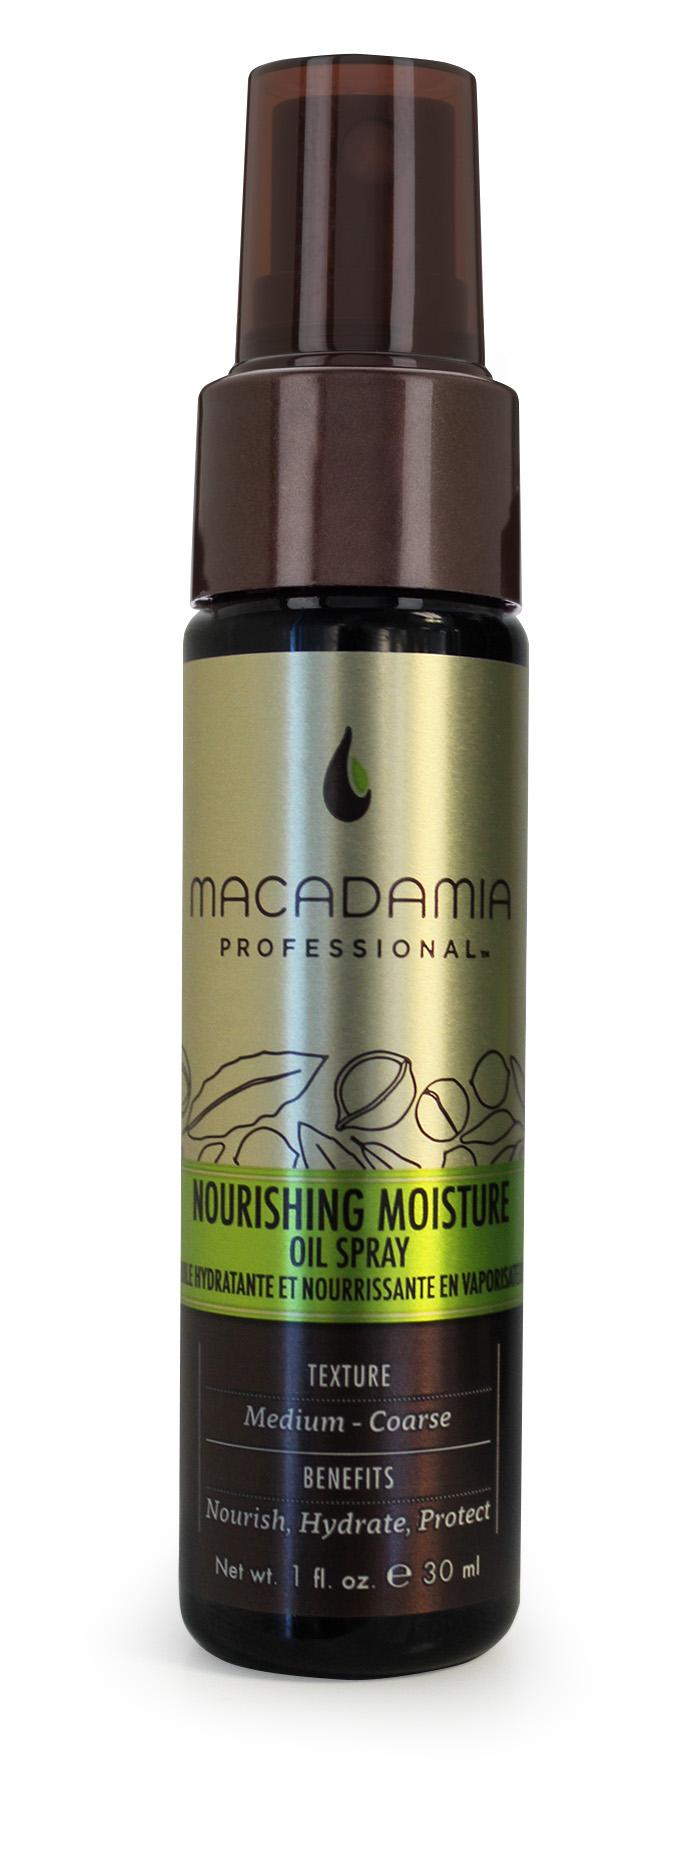 Macadamia Professional Уход масло-спрей увлажняющий, 30 мл400201Невесомый уход Macadamia Professional в виде спрея c ультратонким распылением содержит эксклюзивный Pro Oil Complex, мгновенно впитывается в волосы, защищает их, придает мягкость и блеск. Витамин Е увлажняет и обеспечивает длительную гладкость, предохраняет волосы от спутывания, устраняя эффект пушистости. Обеспечивает натуральную УФ-защиту и сохранение цвета окрашенных волос.